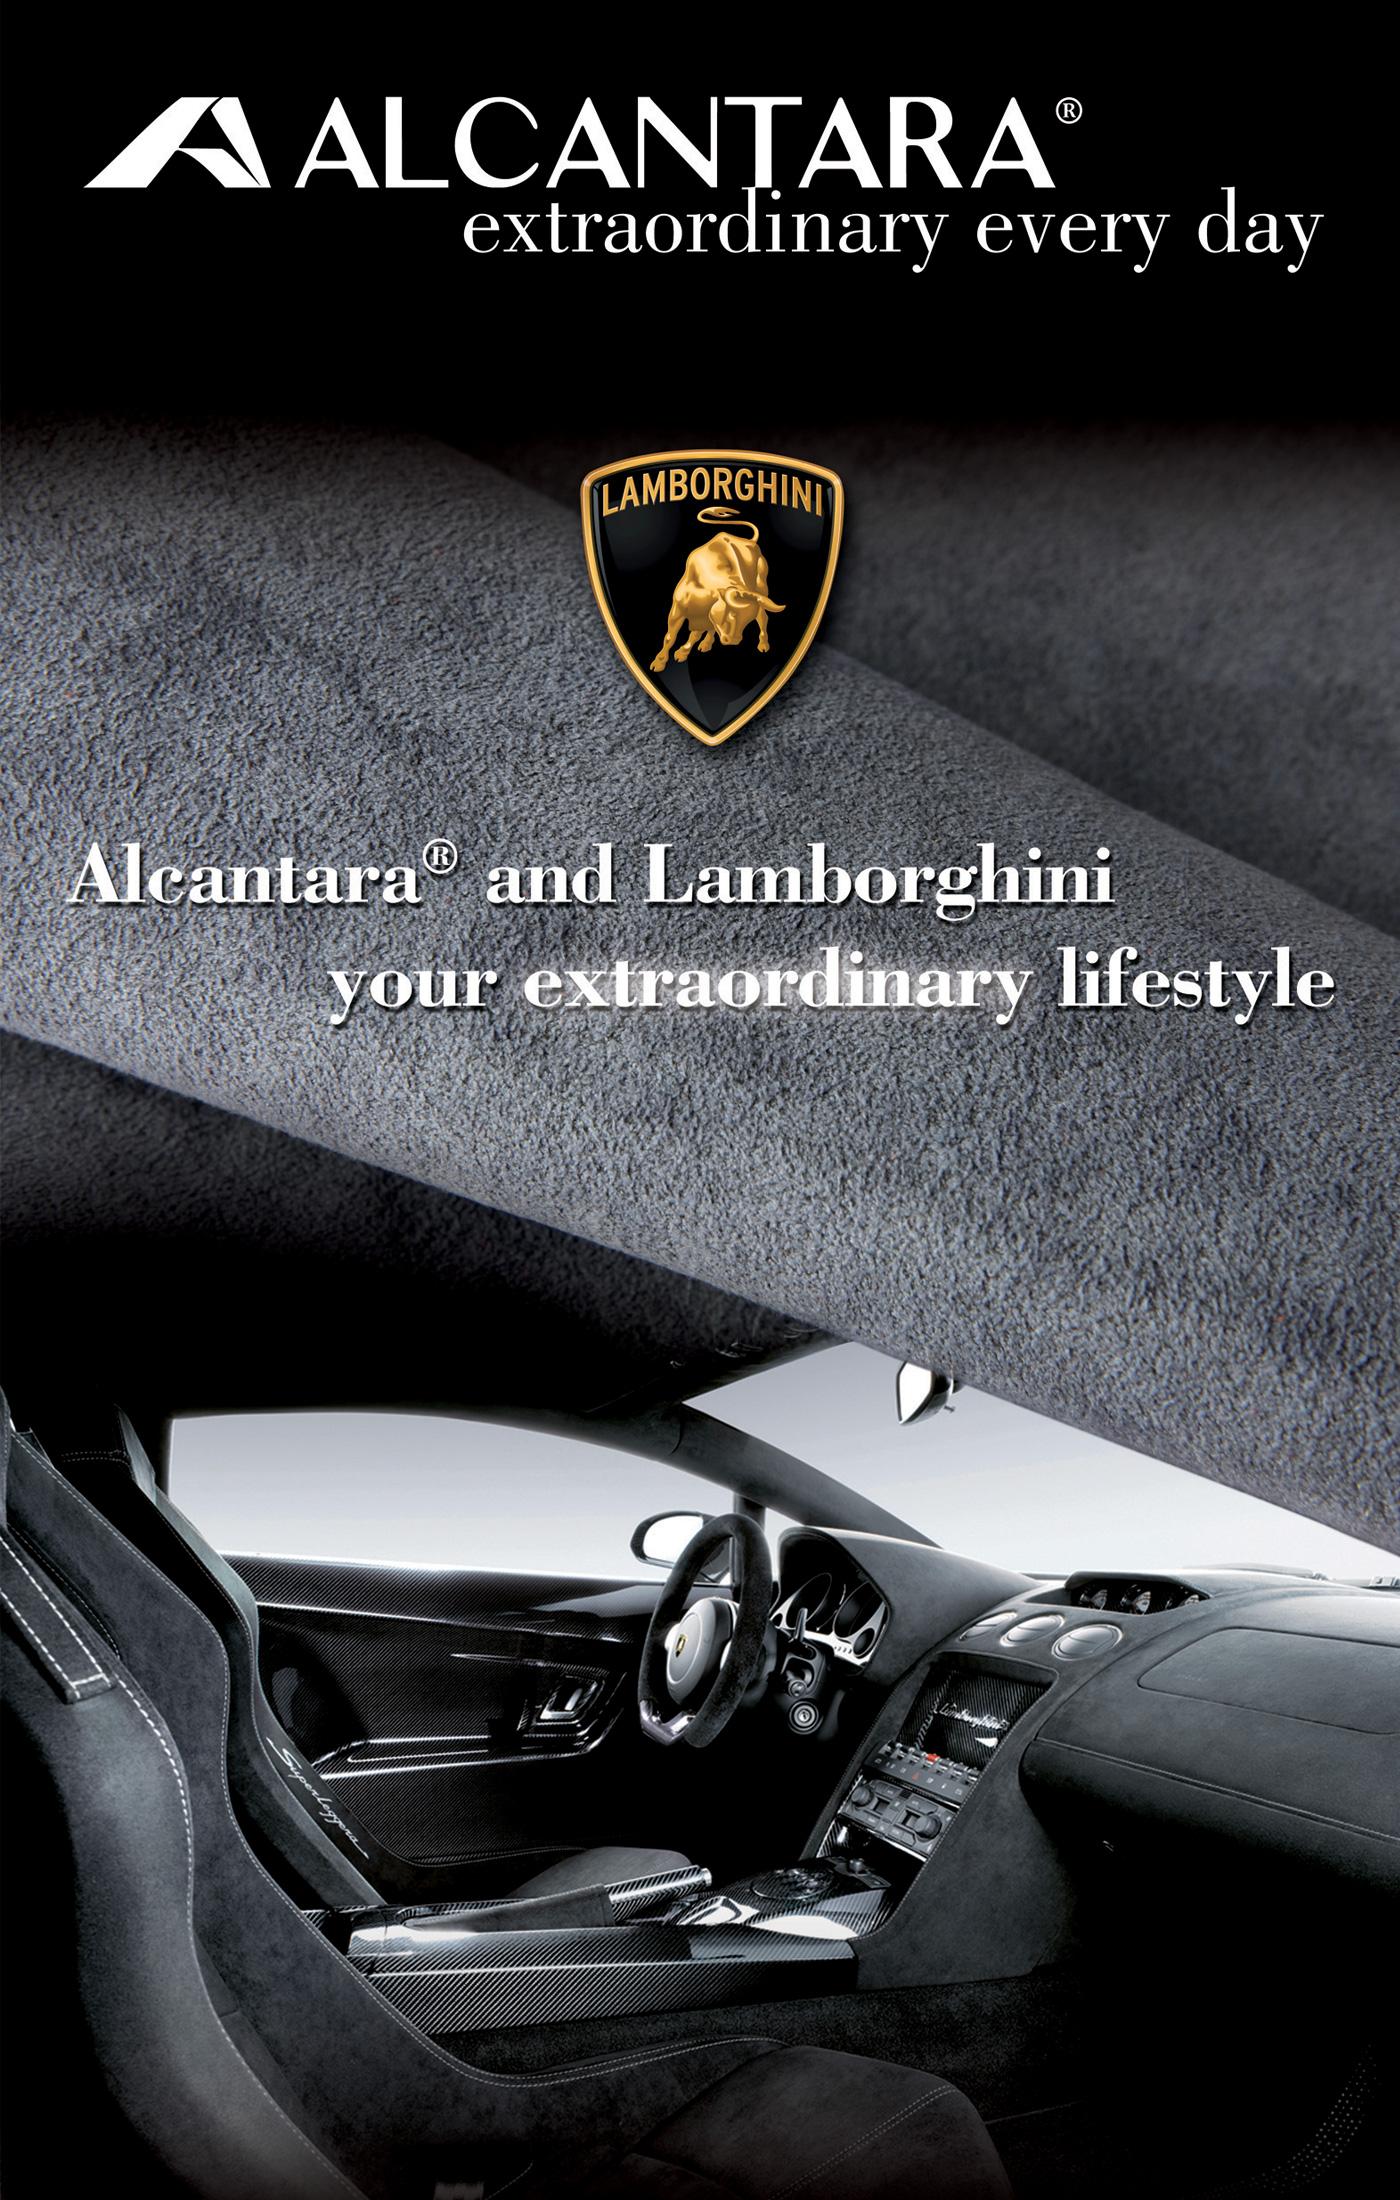 Campagna lancio Alcantara a Shanghai feauring Lamborghini